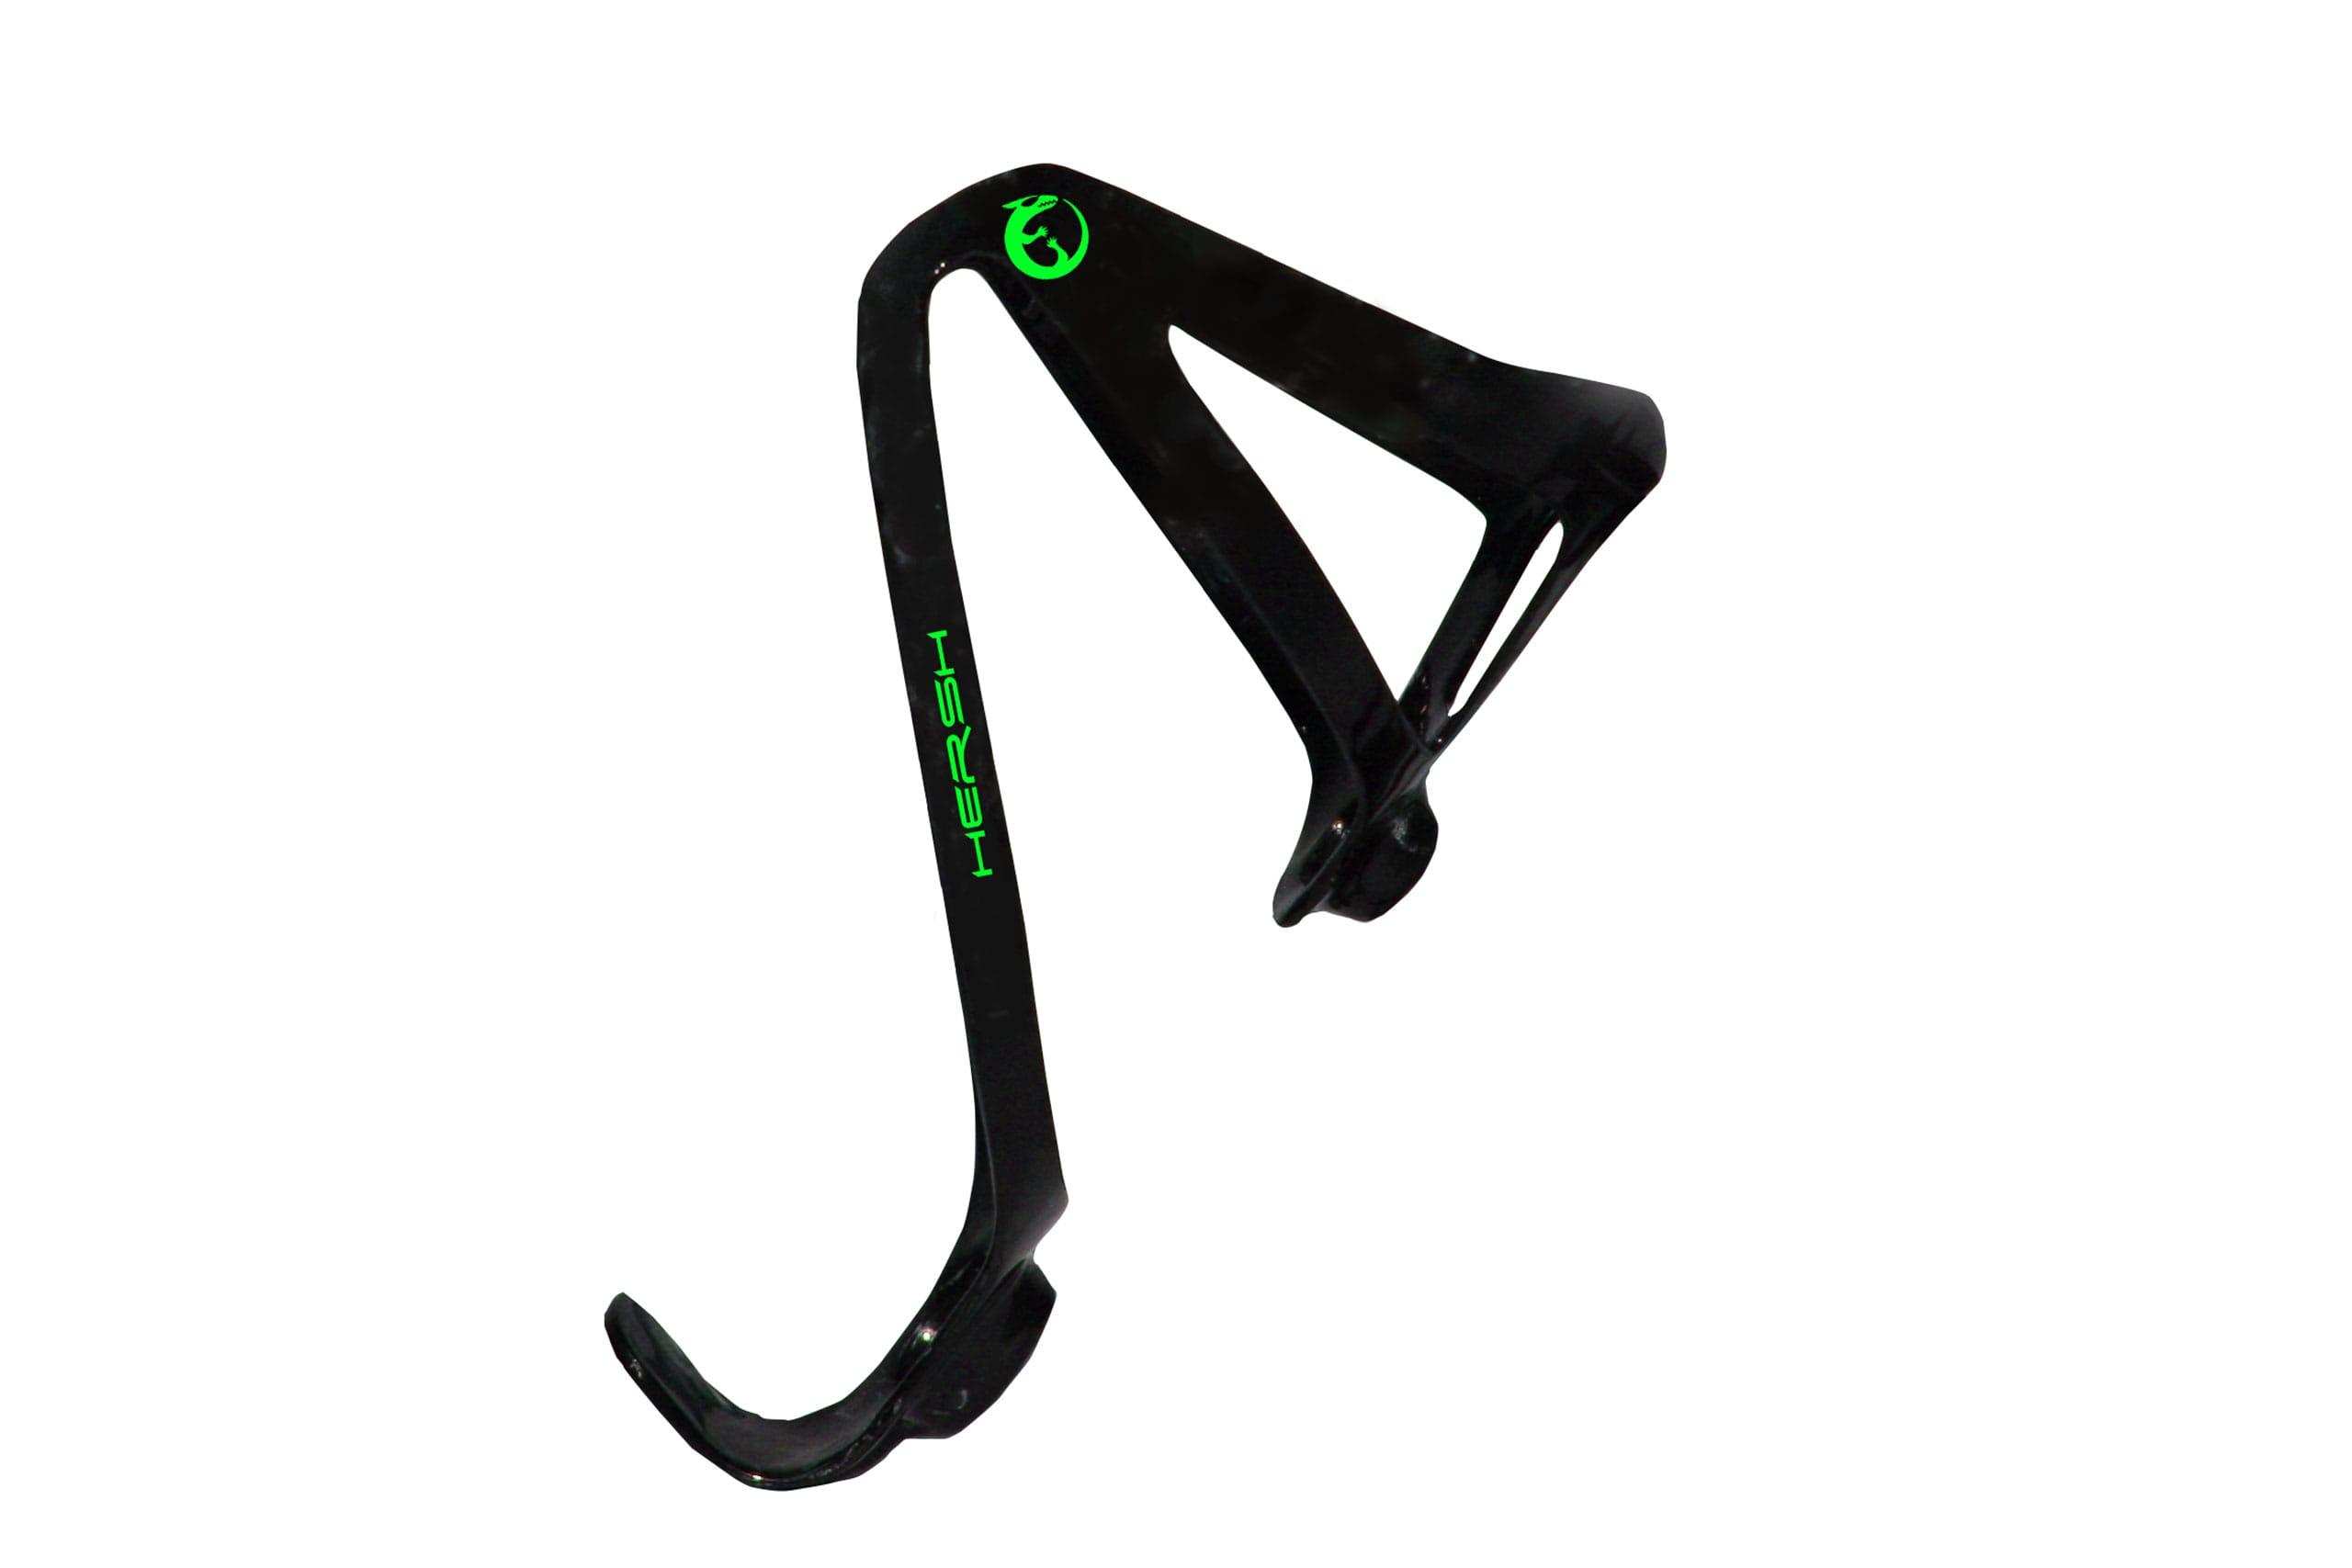 Green Hersh Elegance carbon fibre bottle cage for bike